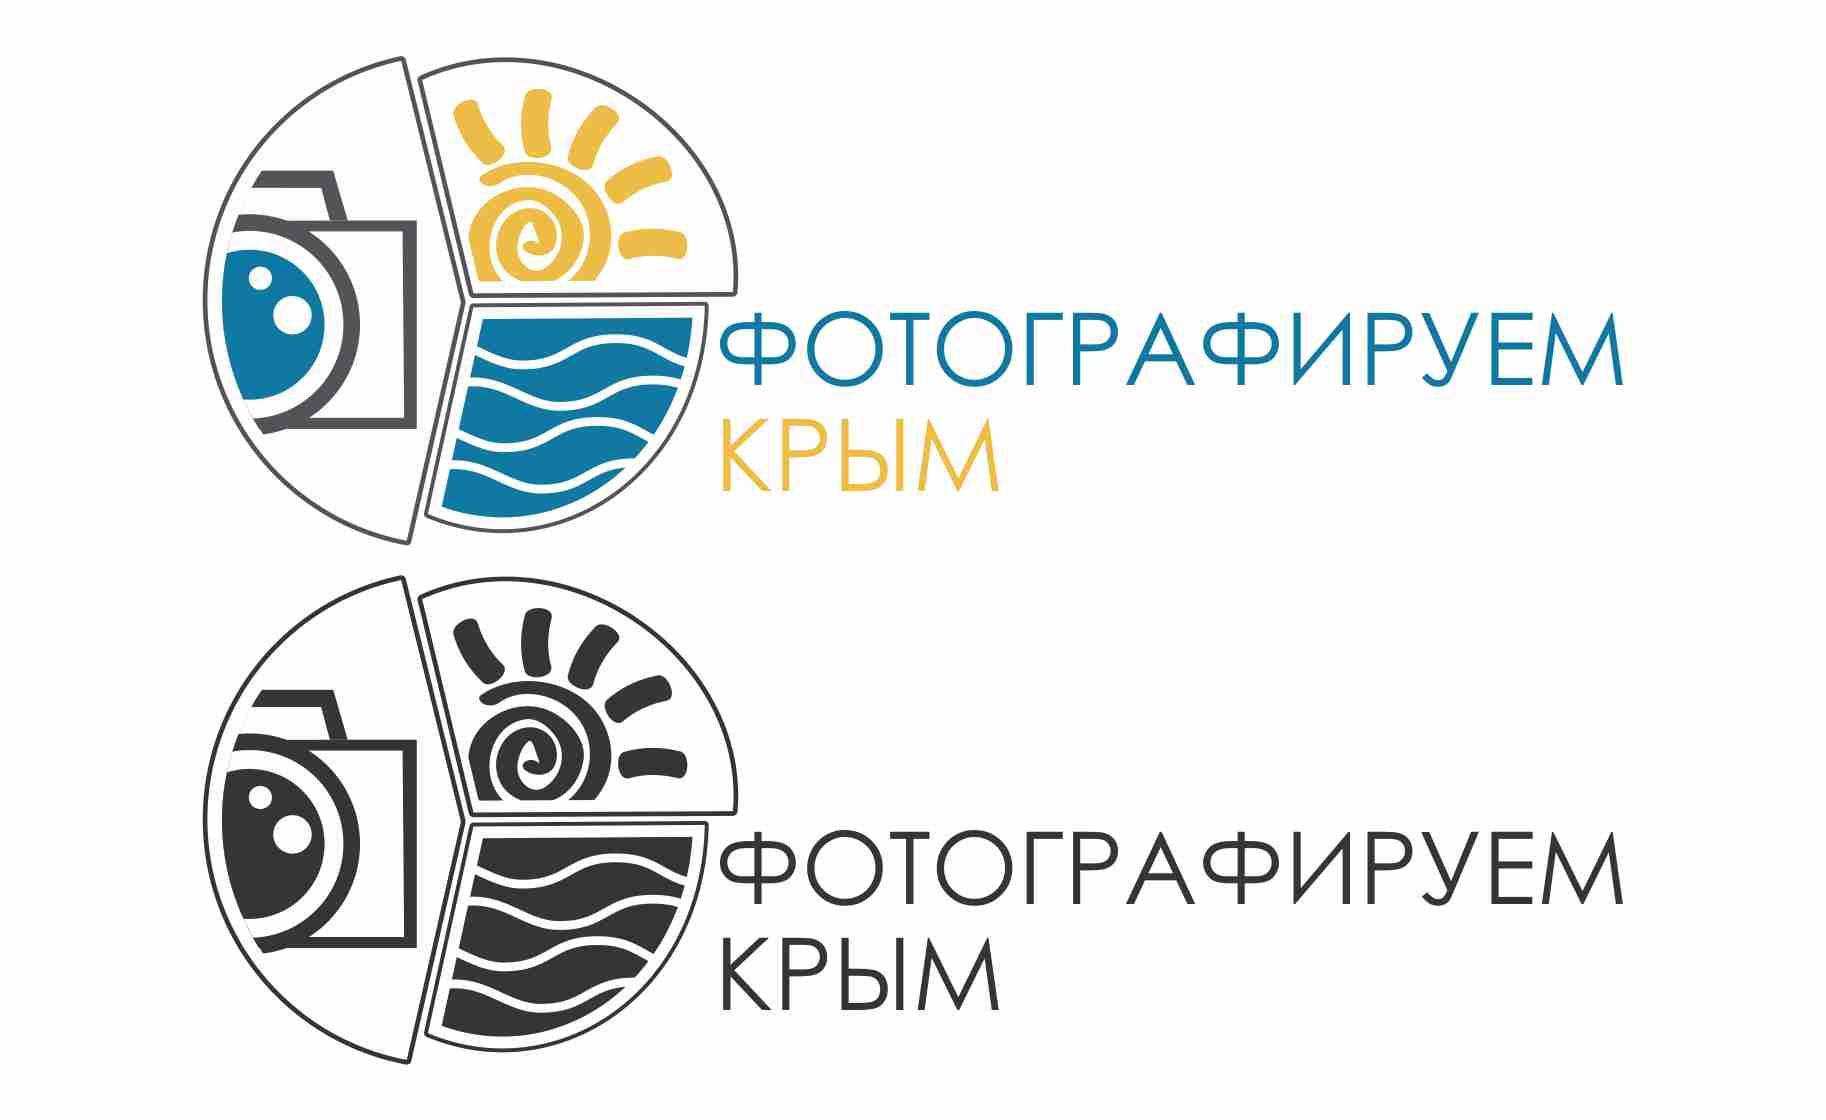 ЛОГОТИП + фирменный стиль фотоконкурса ФОТОГРАФИРУЕМ КРЫМ фото f_2065c02e18539c3f.jpg